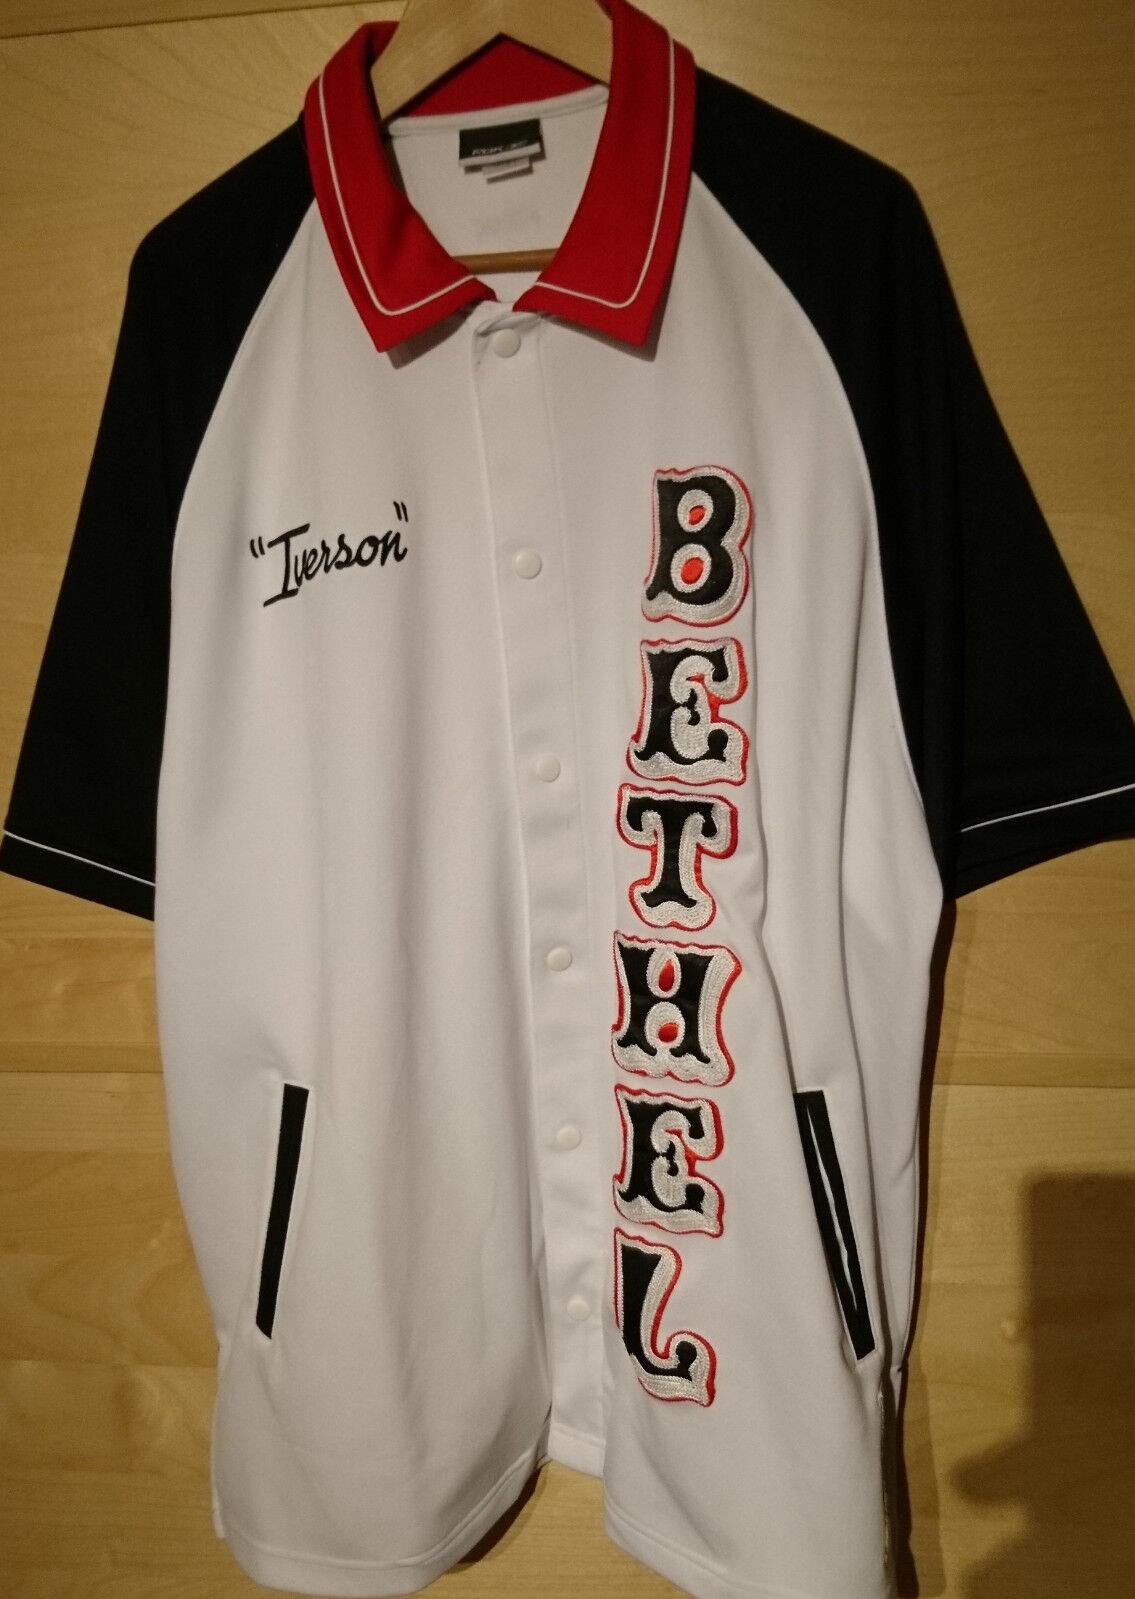 Allen Iverson Bethel Bruins Bruins Bruins Shooting Jersey High School, Größe XL, USA,NBA,76ers 03624f